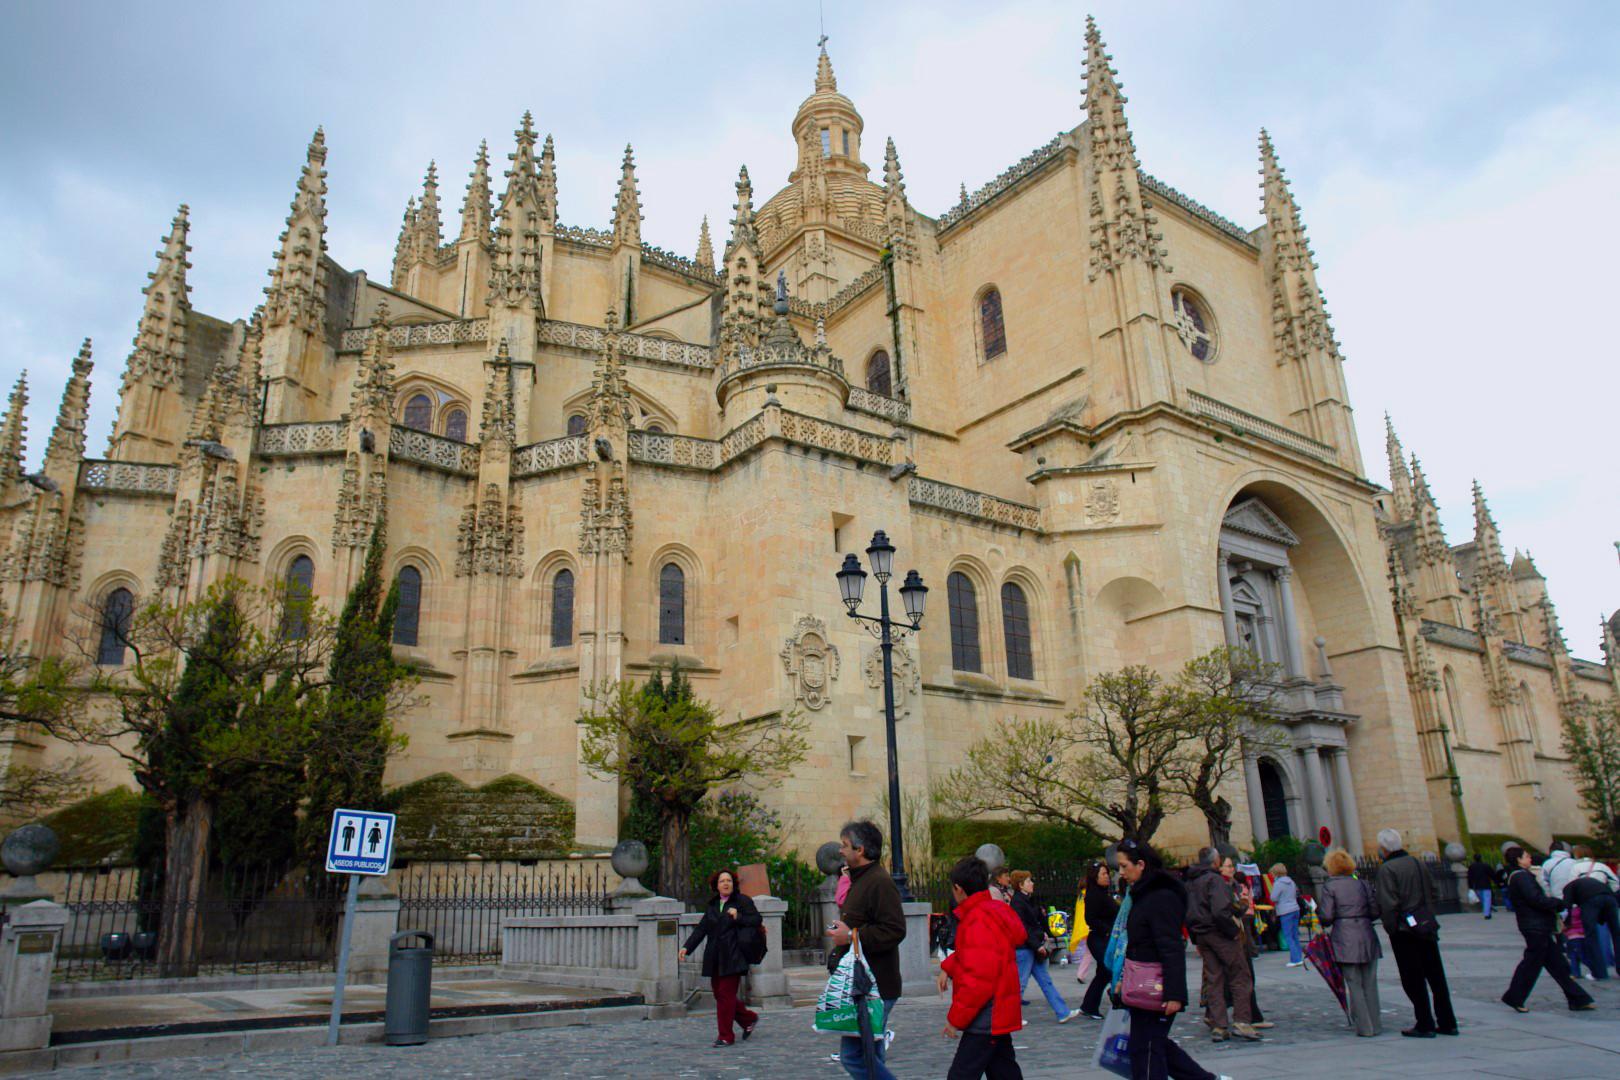 Qué ver Segovia, España qué ver en segovia - 31097724475 13d9530a9e o - Qué ver en Segovia, España